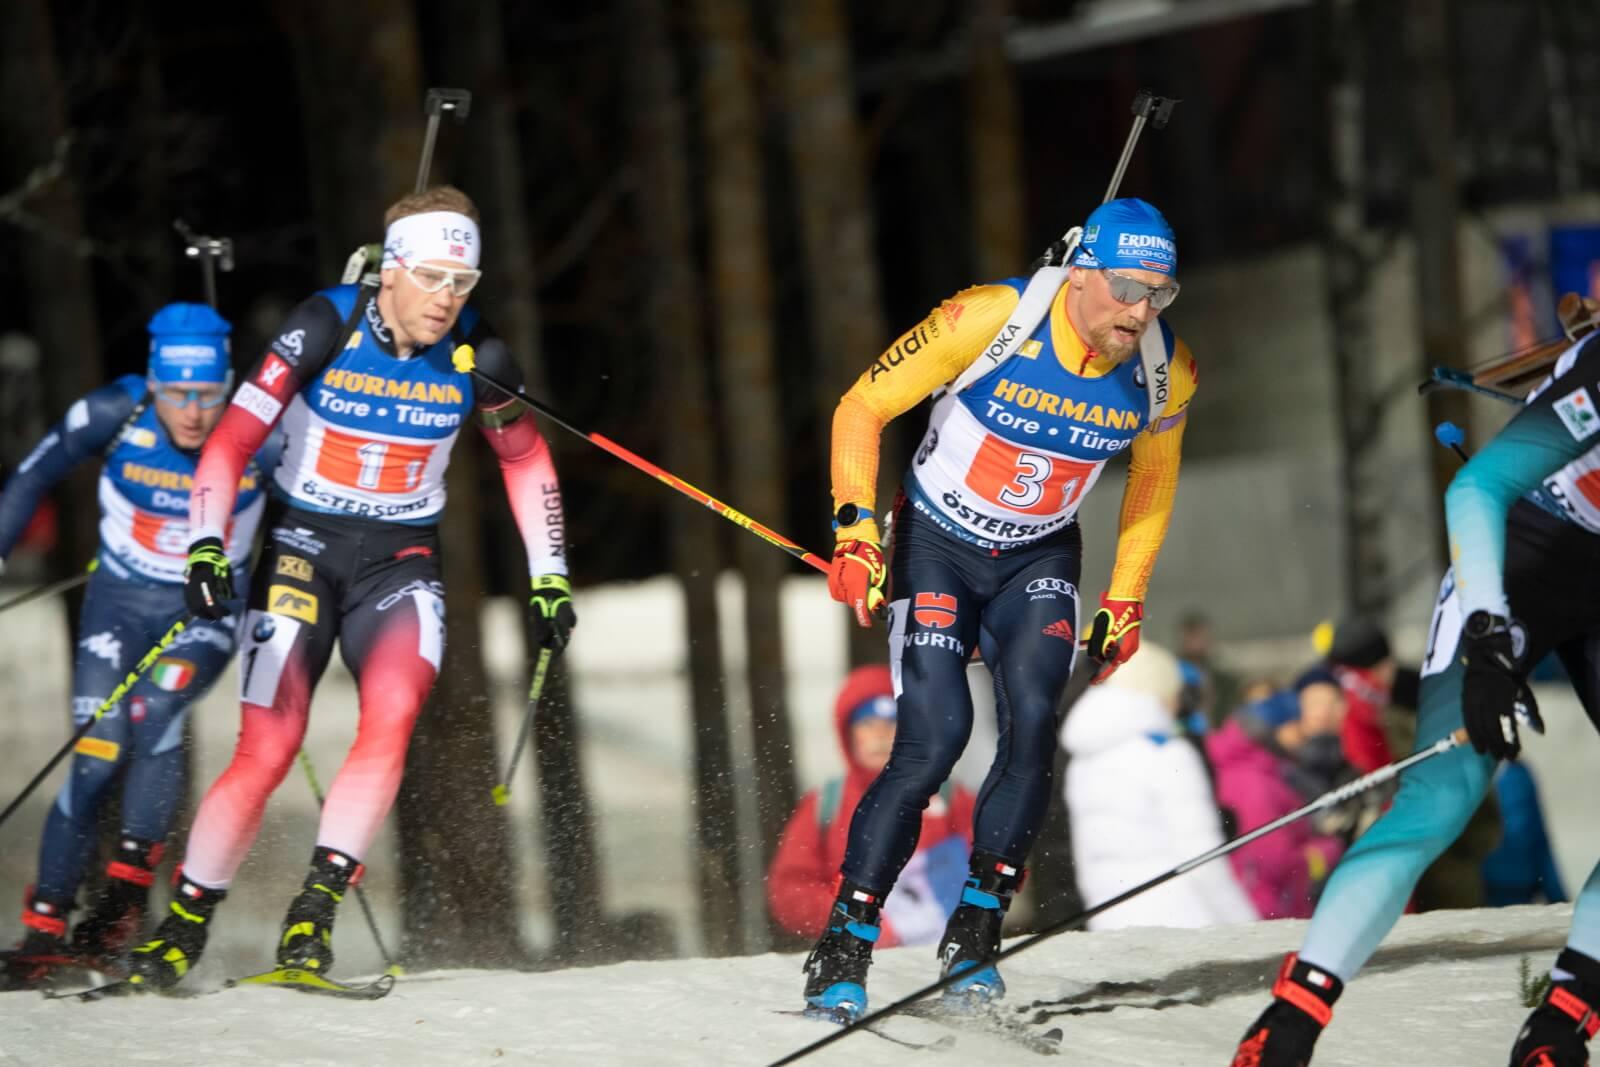 Szwecja: Puchaś Świata w biatlonie fot. EPA/FREDRIK SANDBERG